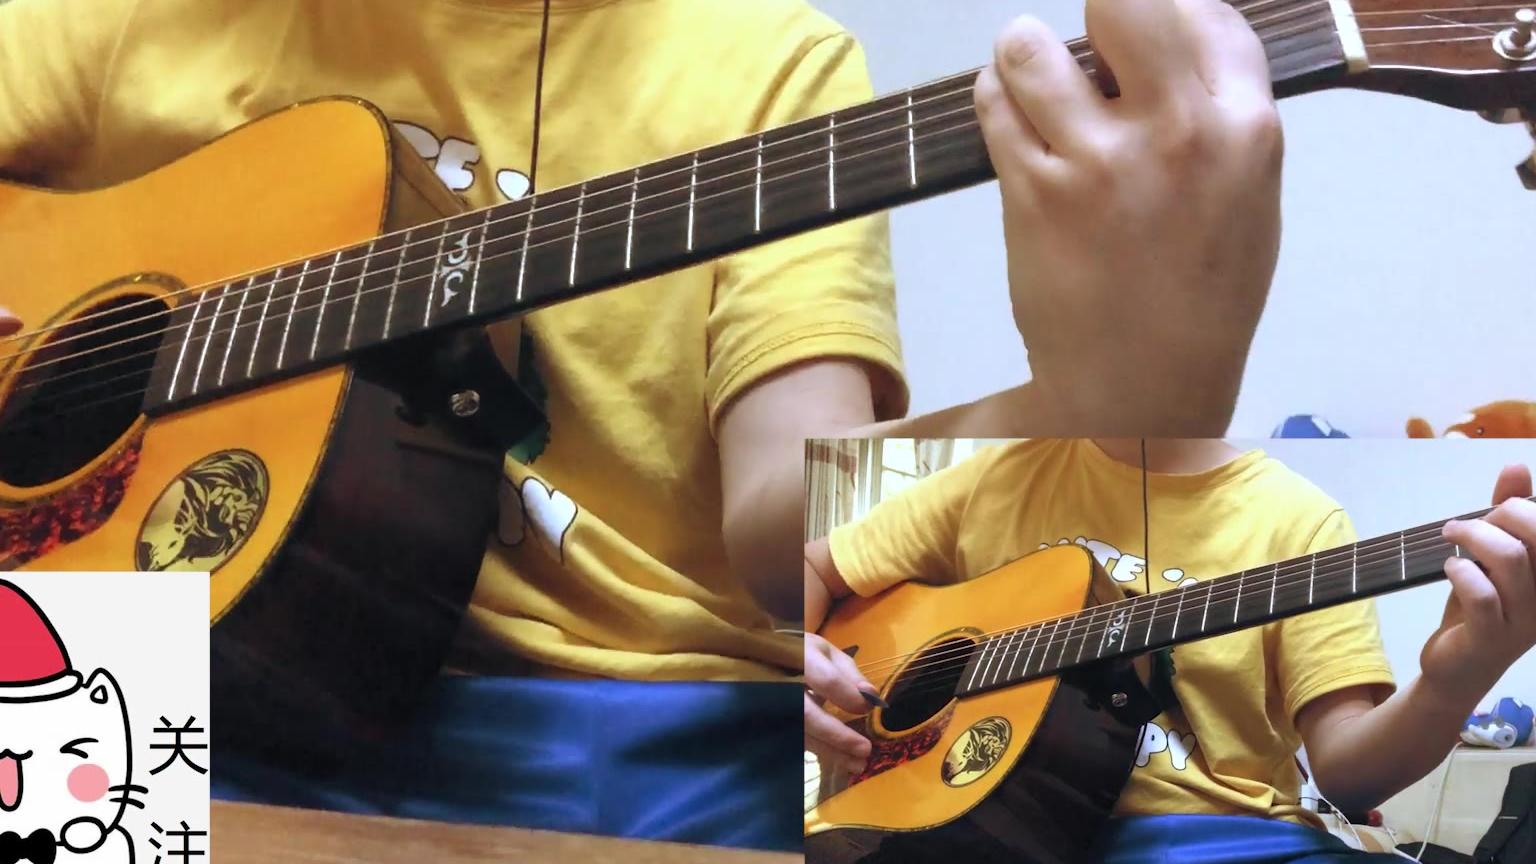 《吉他自学日记90天》 amani 伴奏+旋律 纯音乐